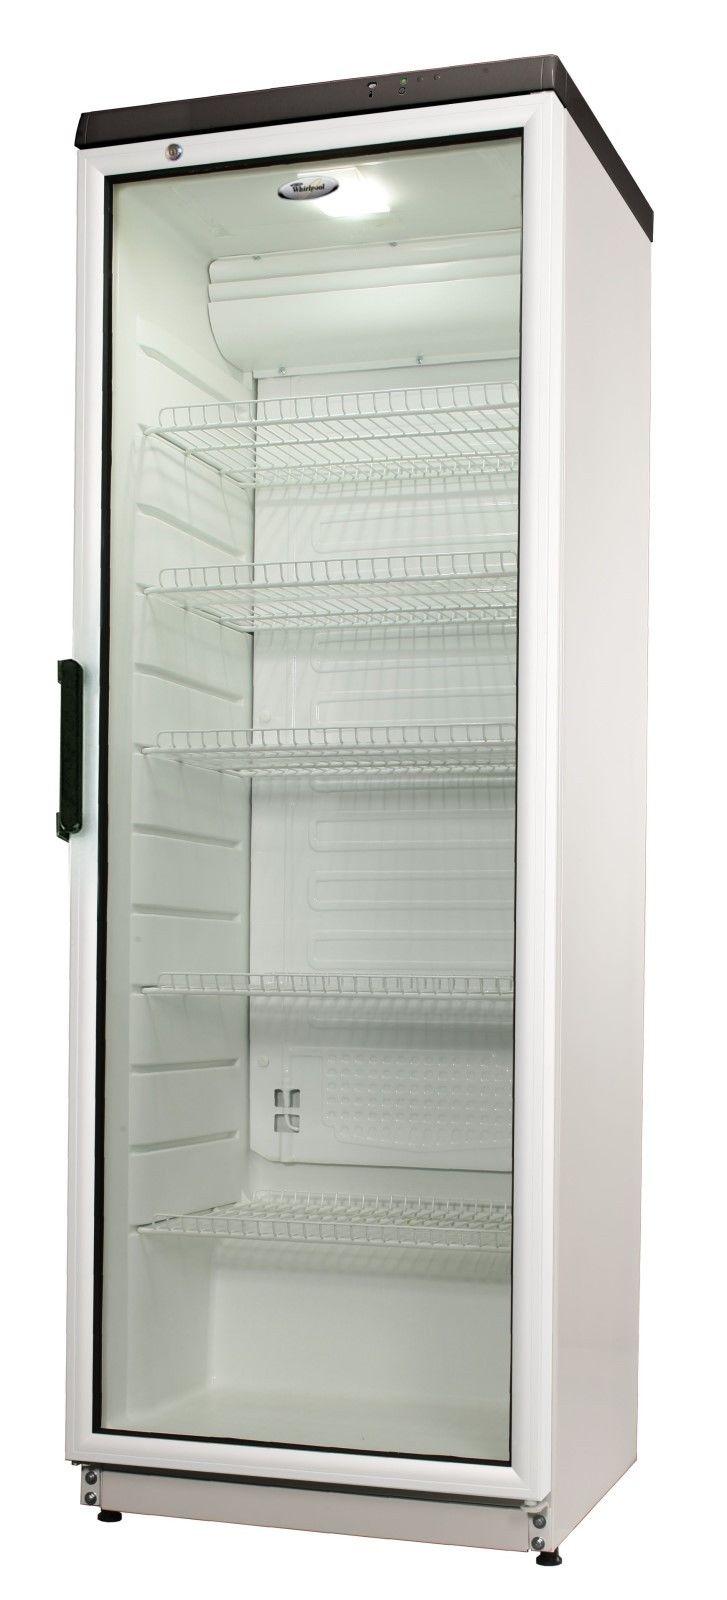 Großartig Gastro Kühlschrank Ideen - Die Schlafzimmerideen - kruloei ...